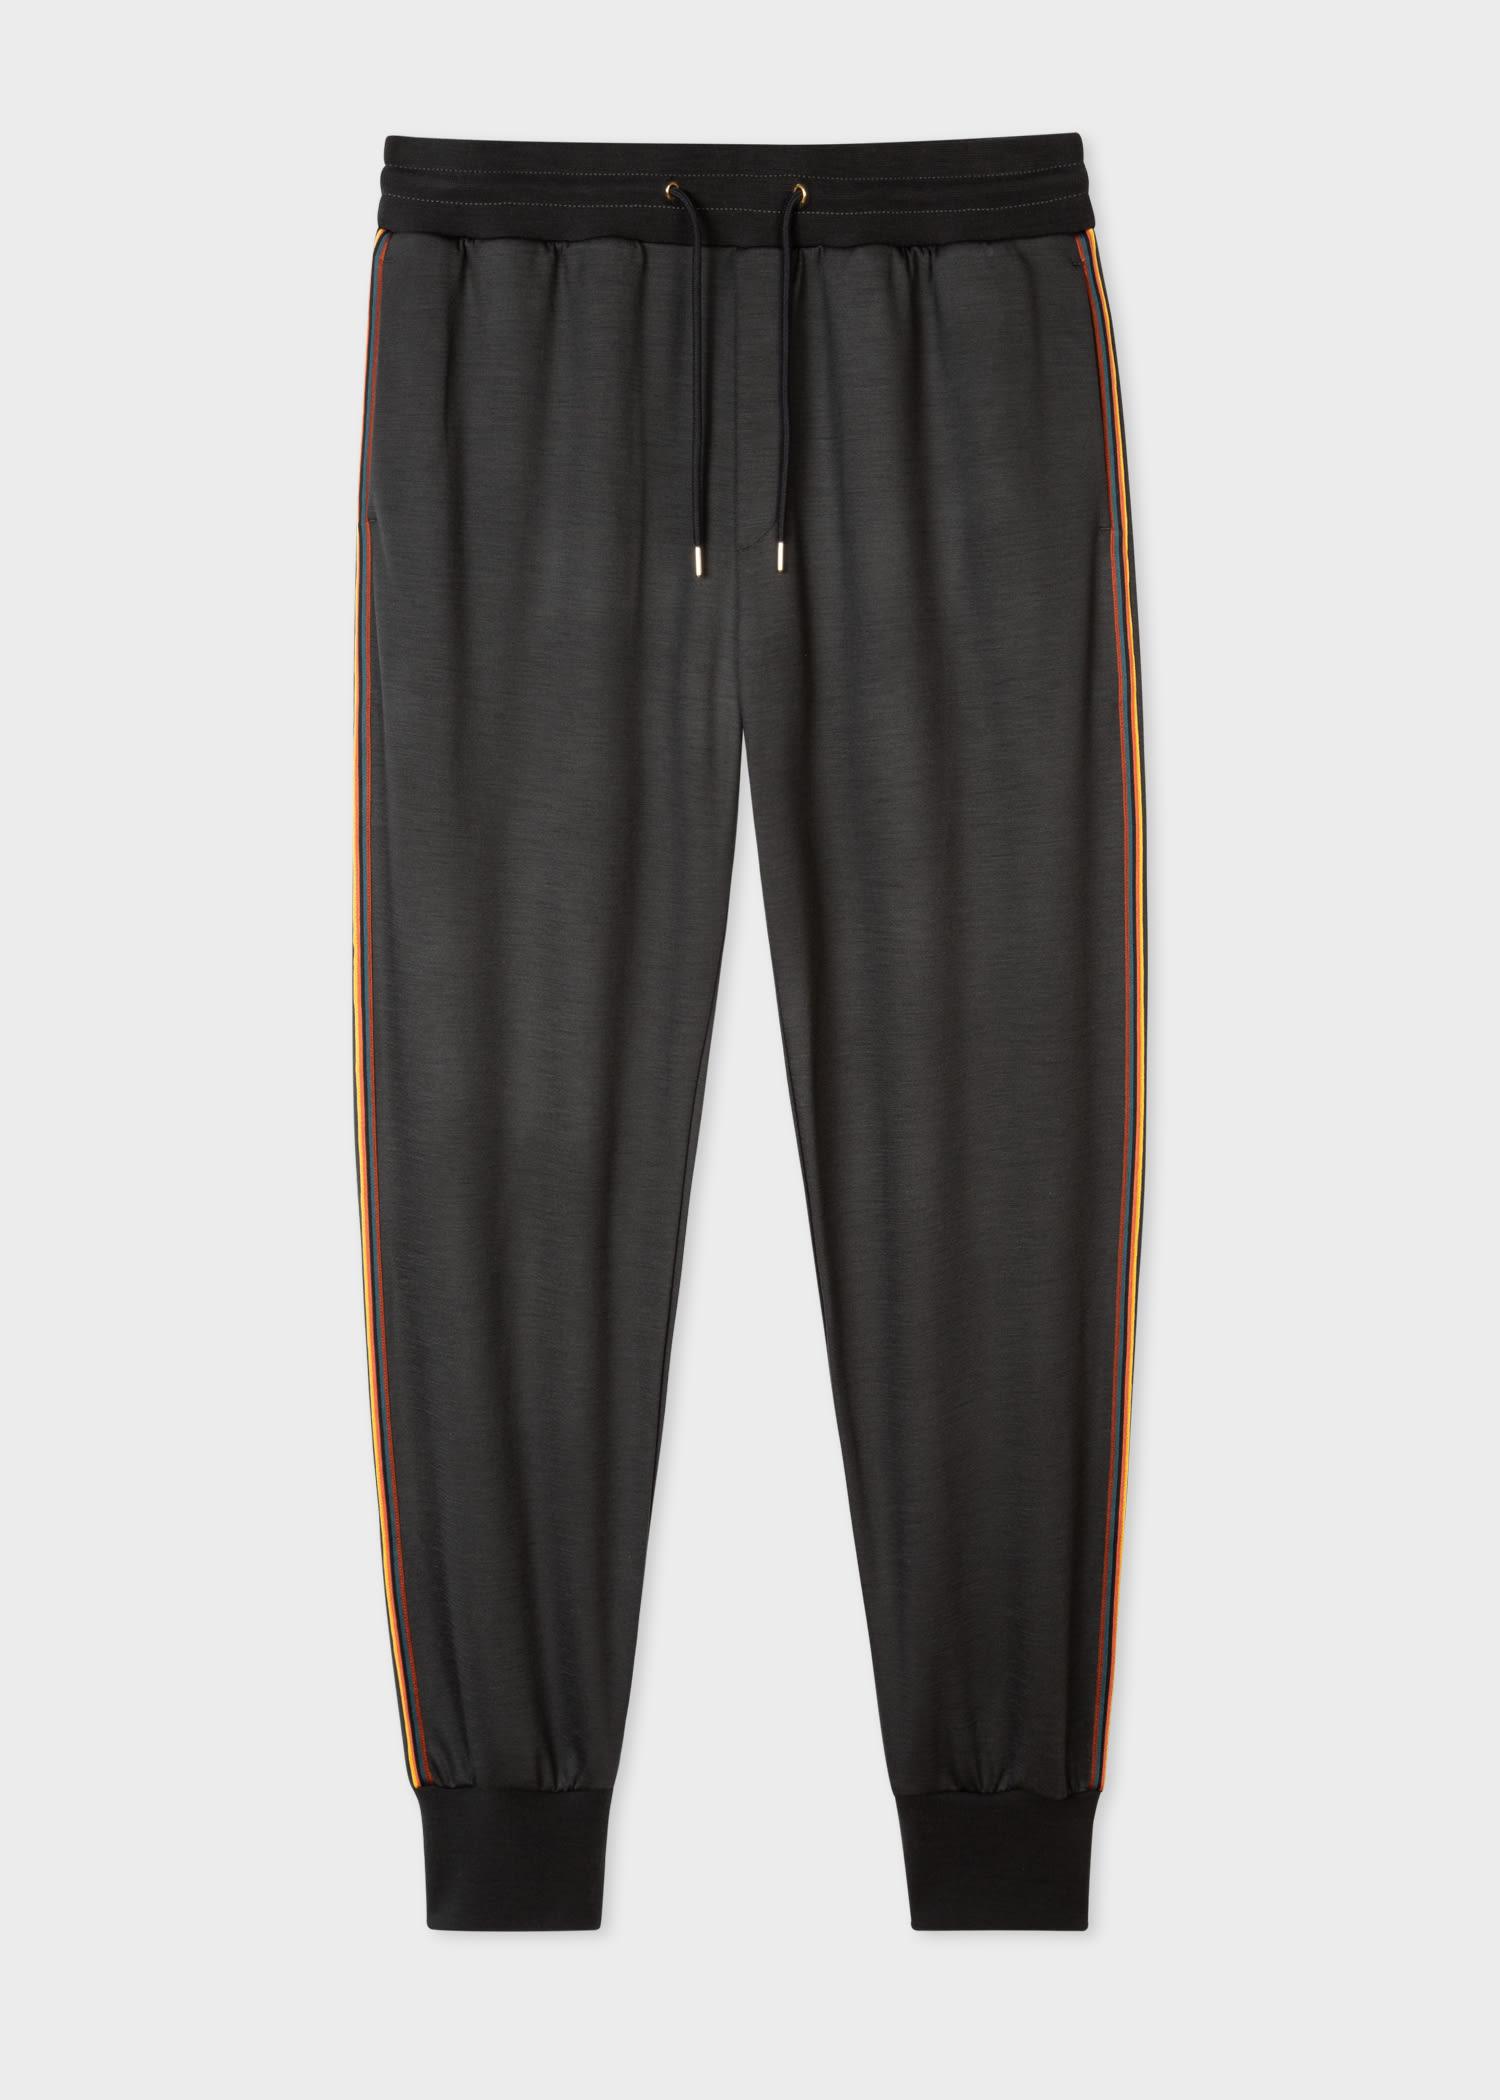 폴 스미스 스웻팬츠 Paul Smith Mens Dark Grey Artist Stripe Wool Sweatpants